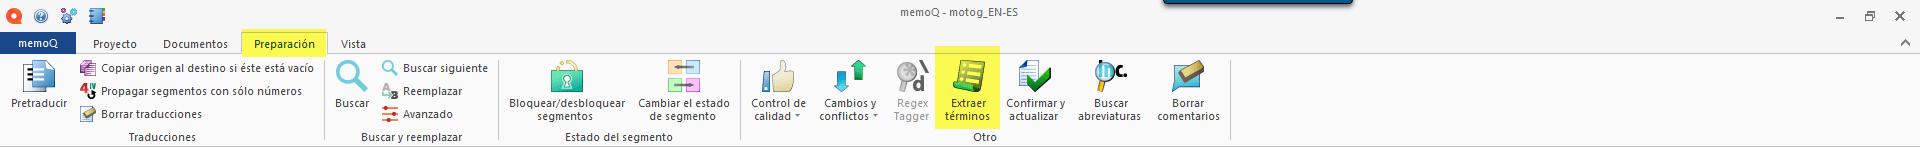 Extracción de terminología de memoQ